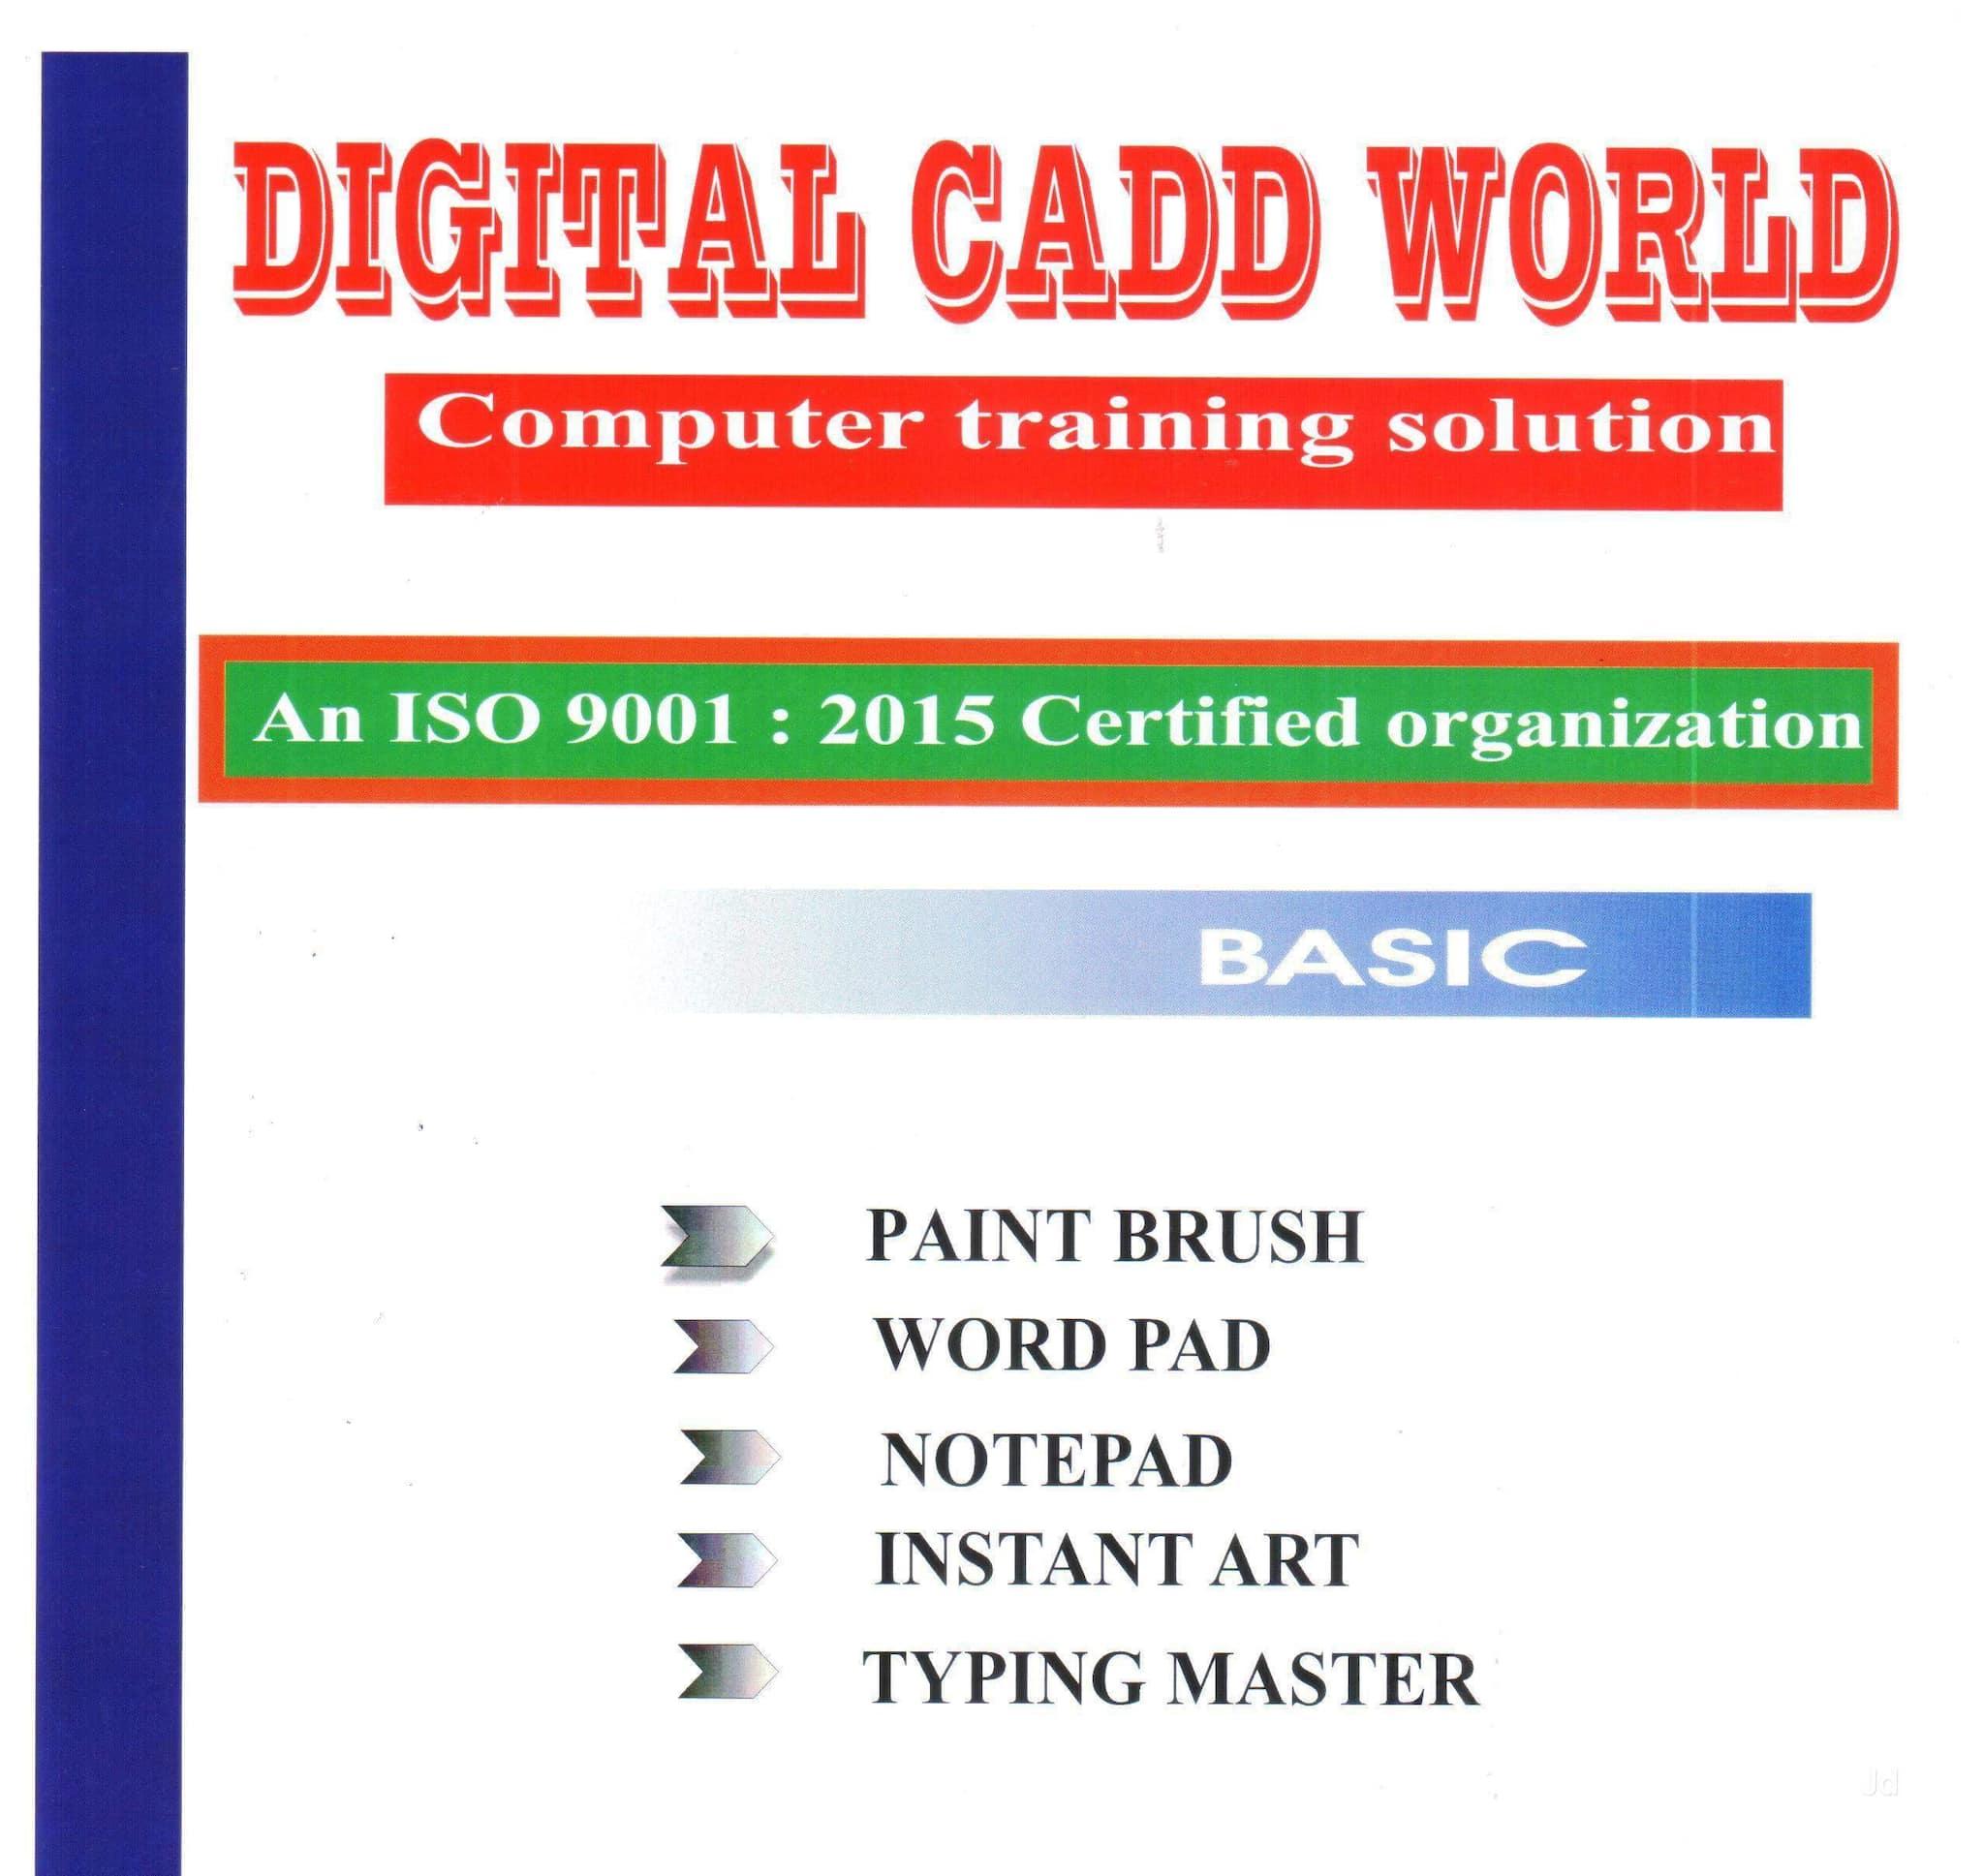 Digital CADD World, Near Ganesh Mandir - Computer Training